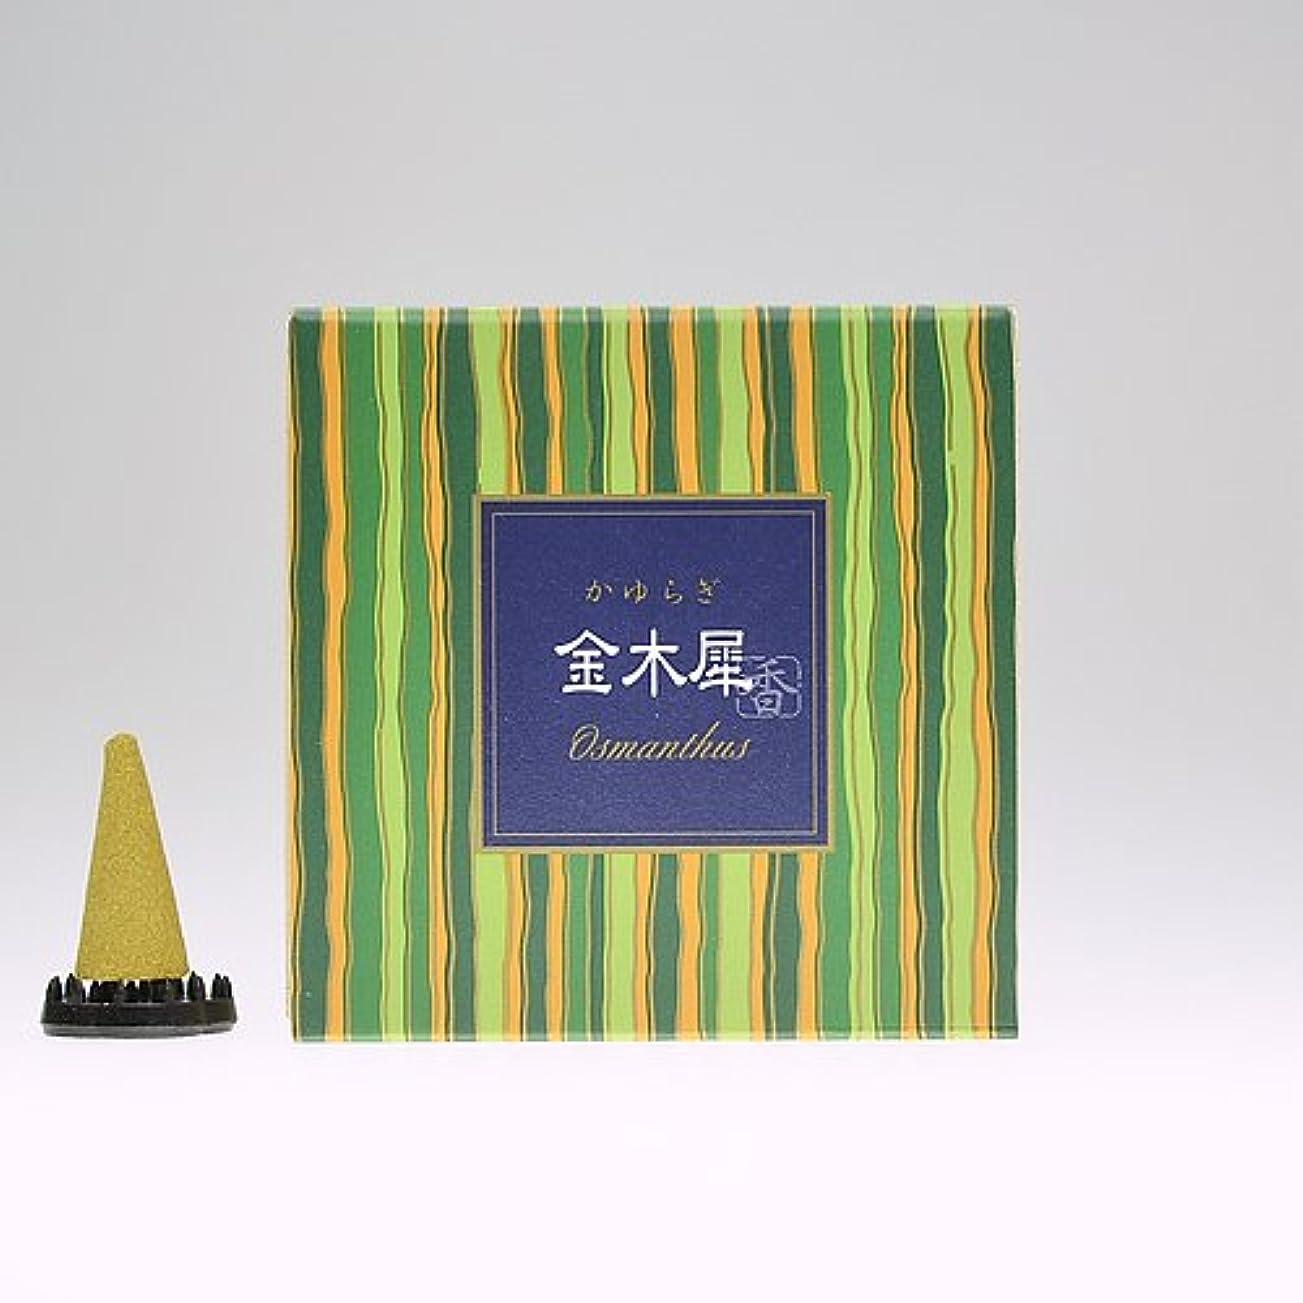 電子レンジ含める電気的日本香堂 かゆらぎ お香コーン 12個入 「金木犀(きんもくせい)」 4902125384149